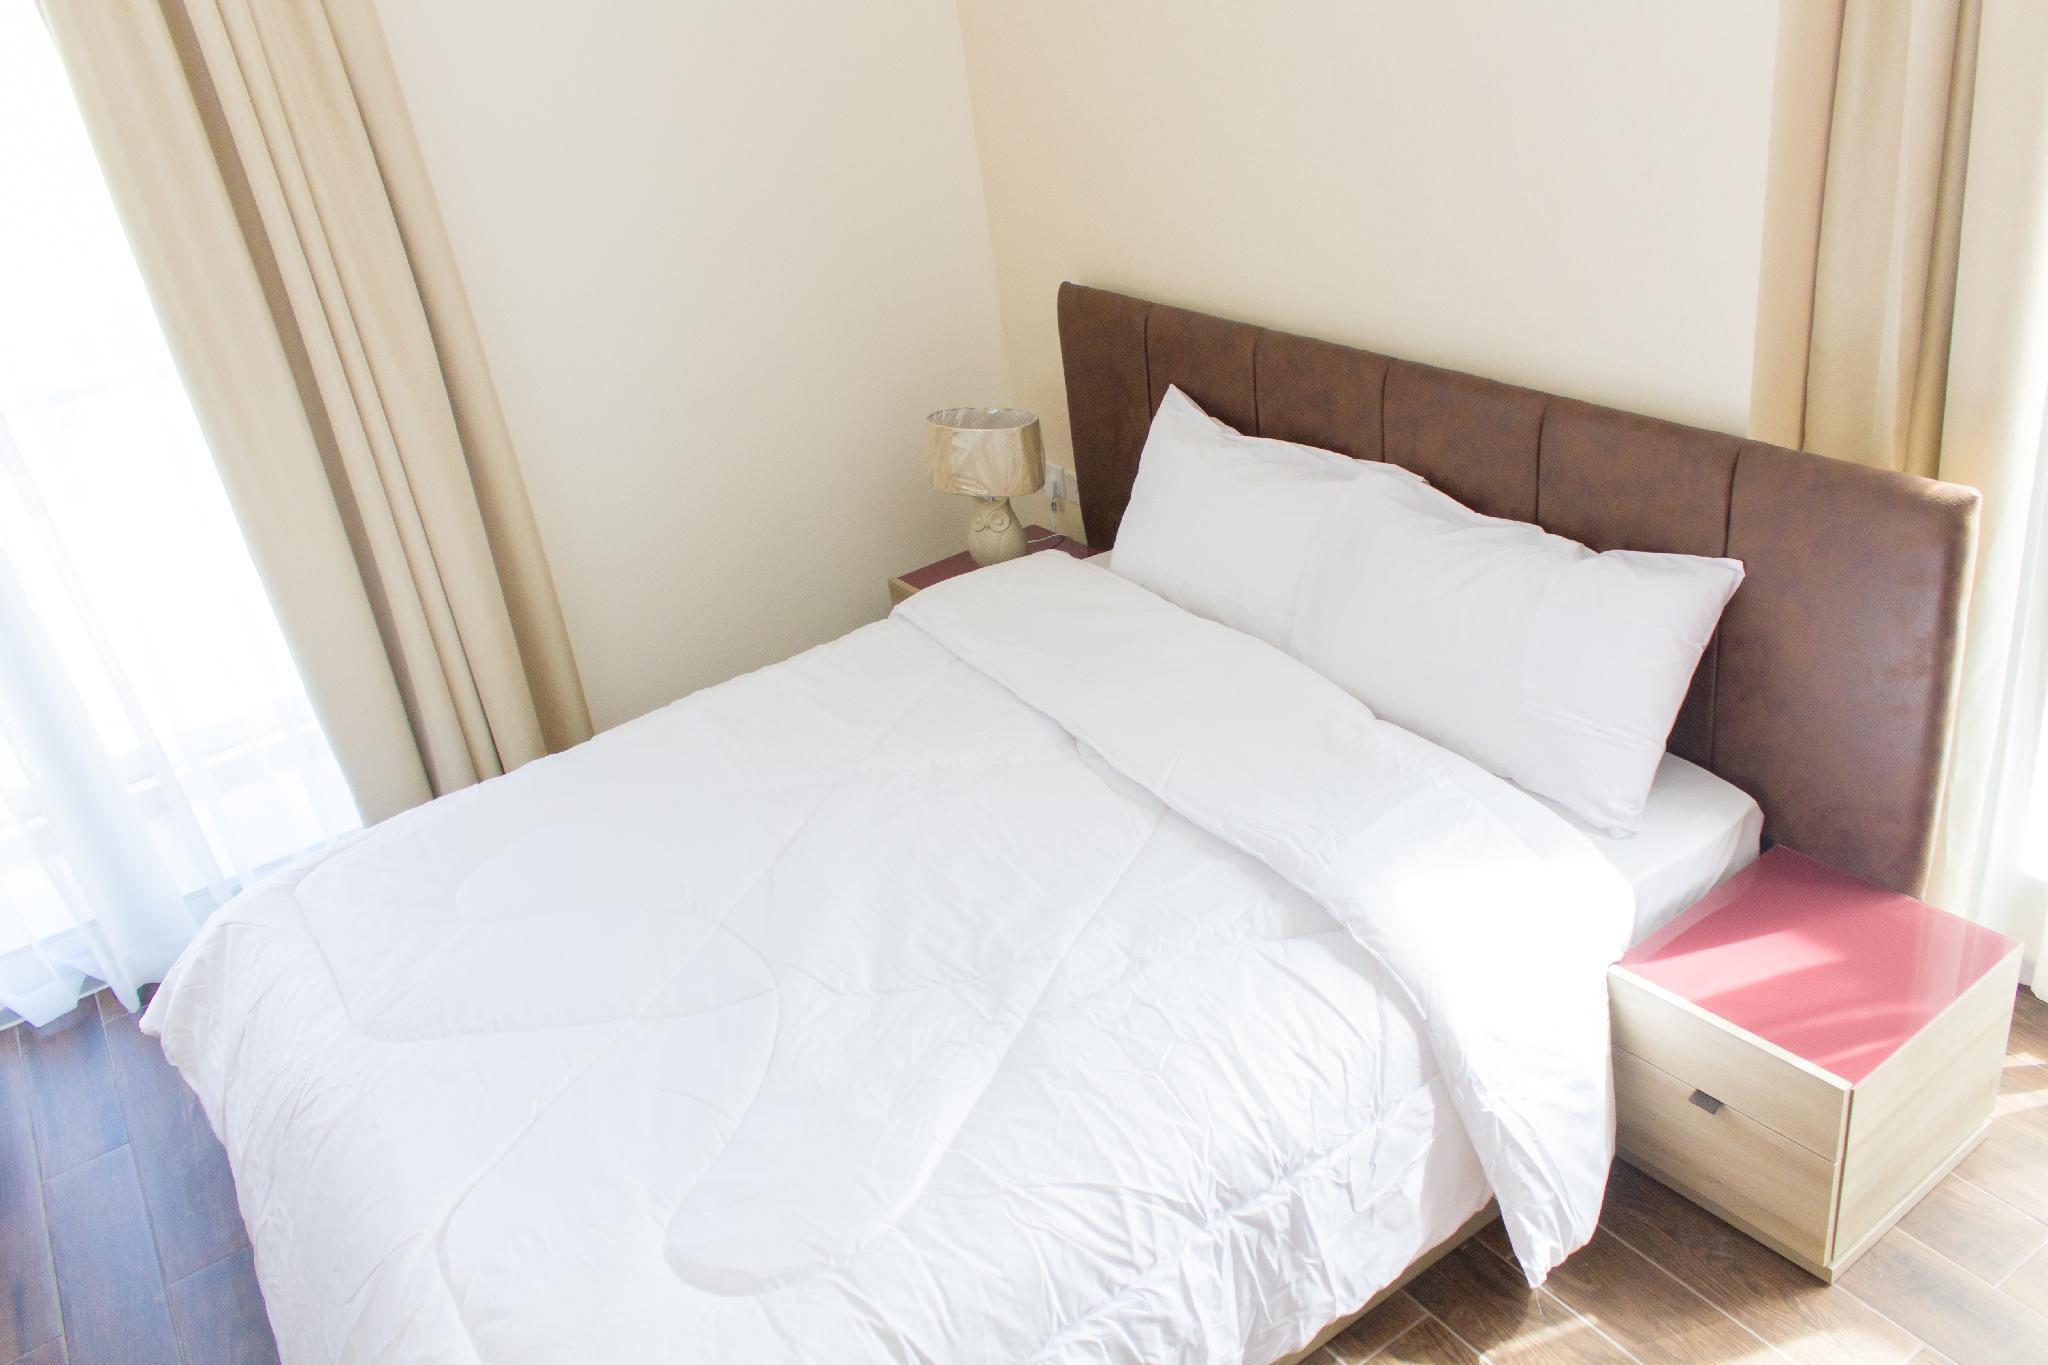 Onebedroom Apartment  With Balcony